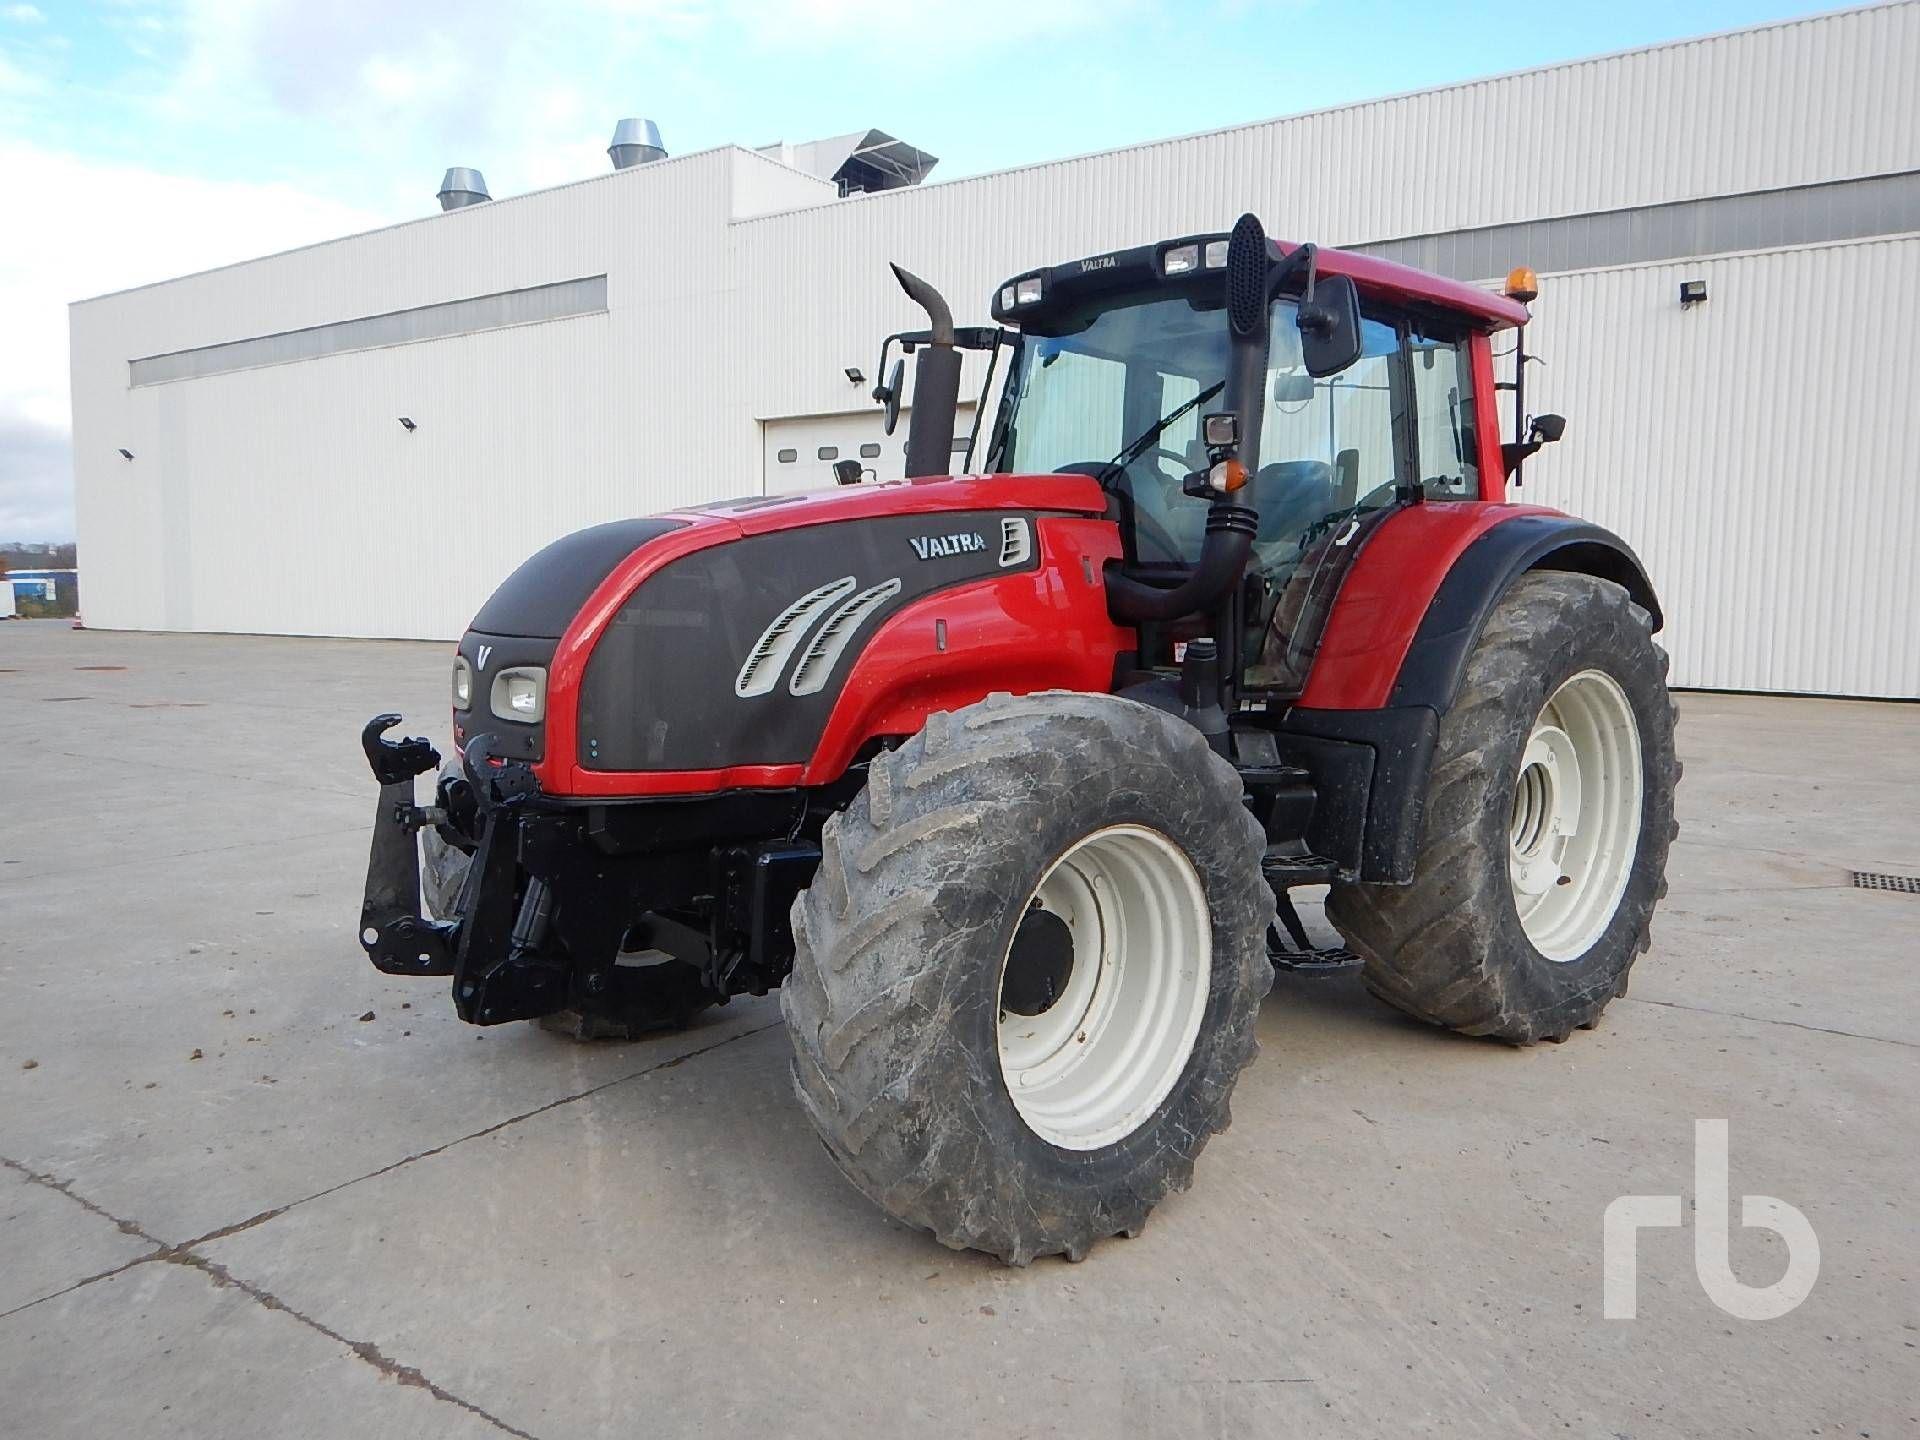 2010 VALTRA T182 4WD Landwirtschaftstraktor MFWD Traktor